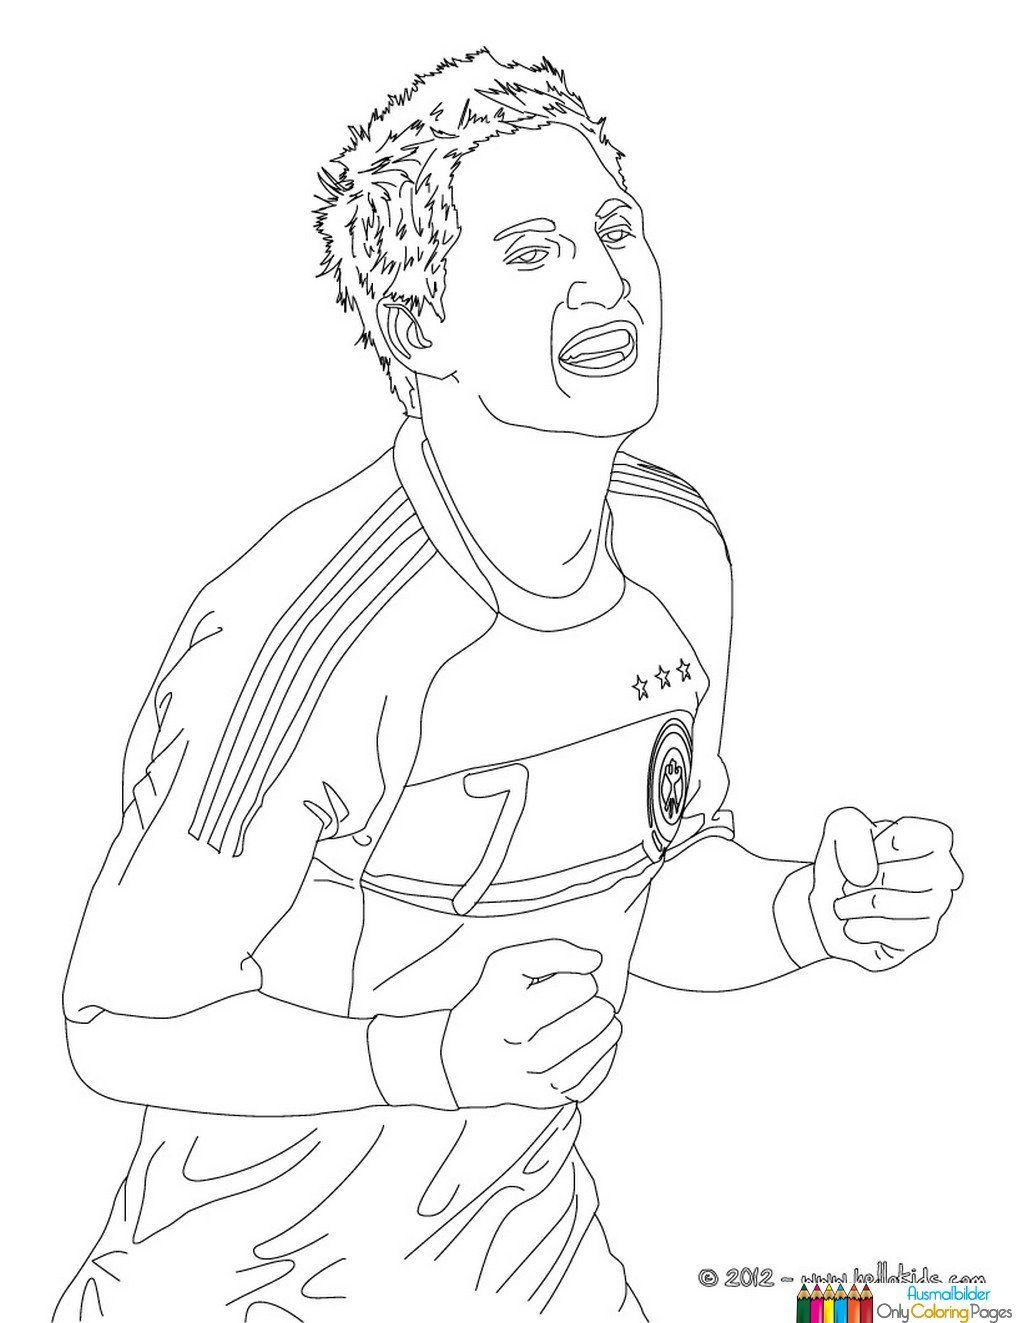 Ausmalbilder Fußball Zeichen : Manuel Neuer Ausmalbilder Ausmalbilder Pinterest Ausmalbilder